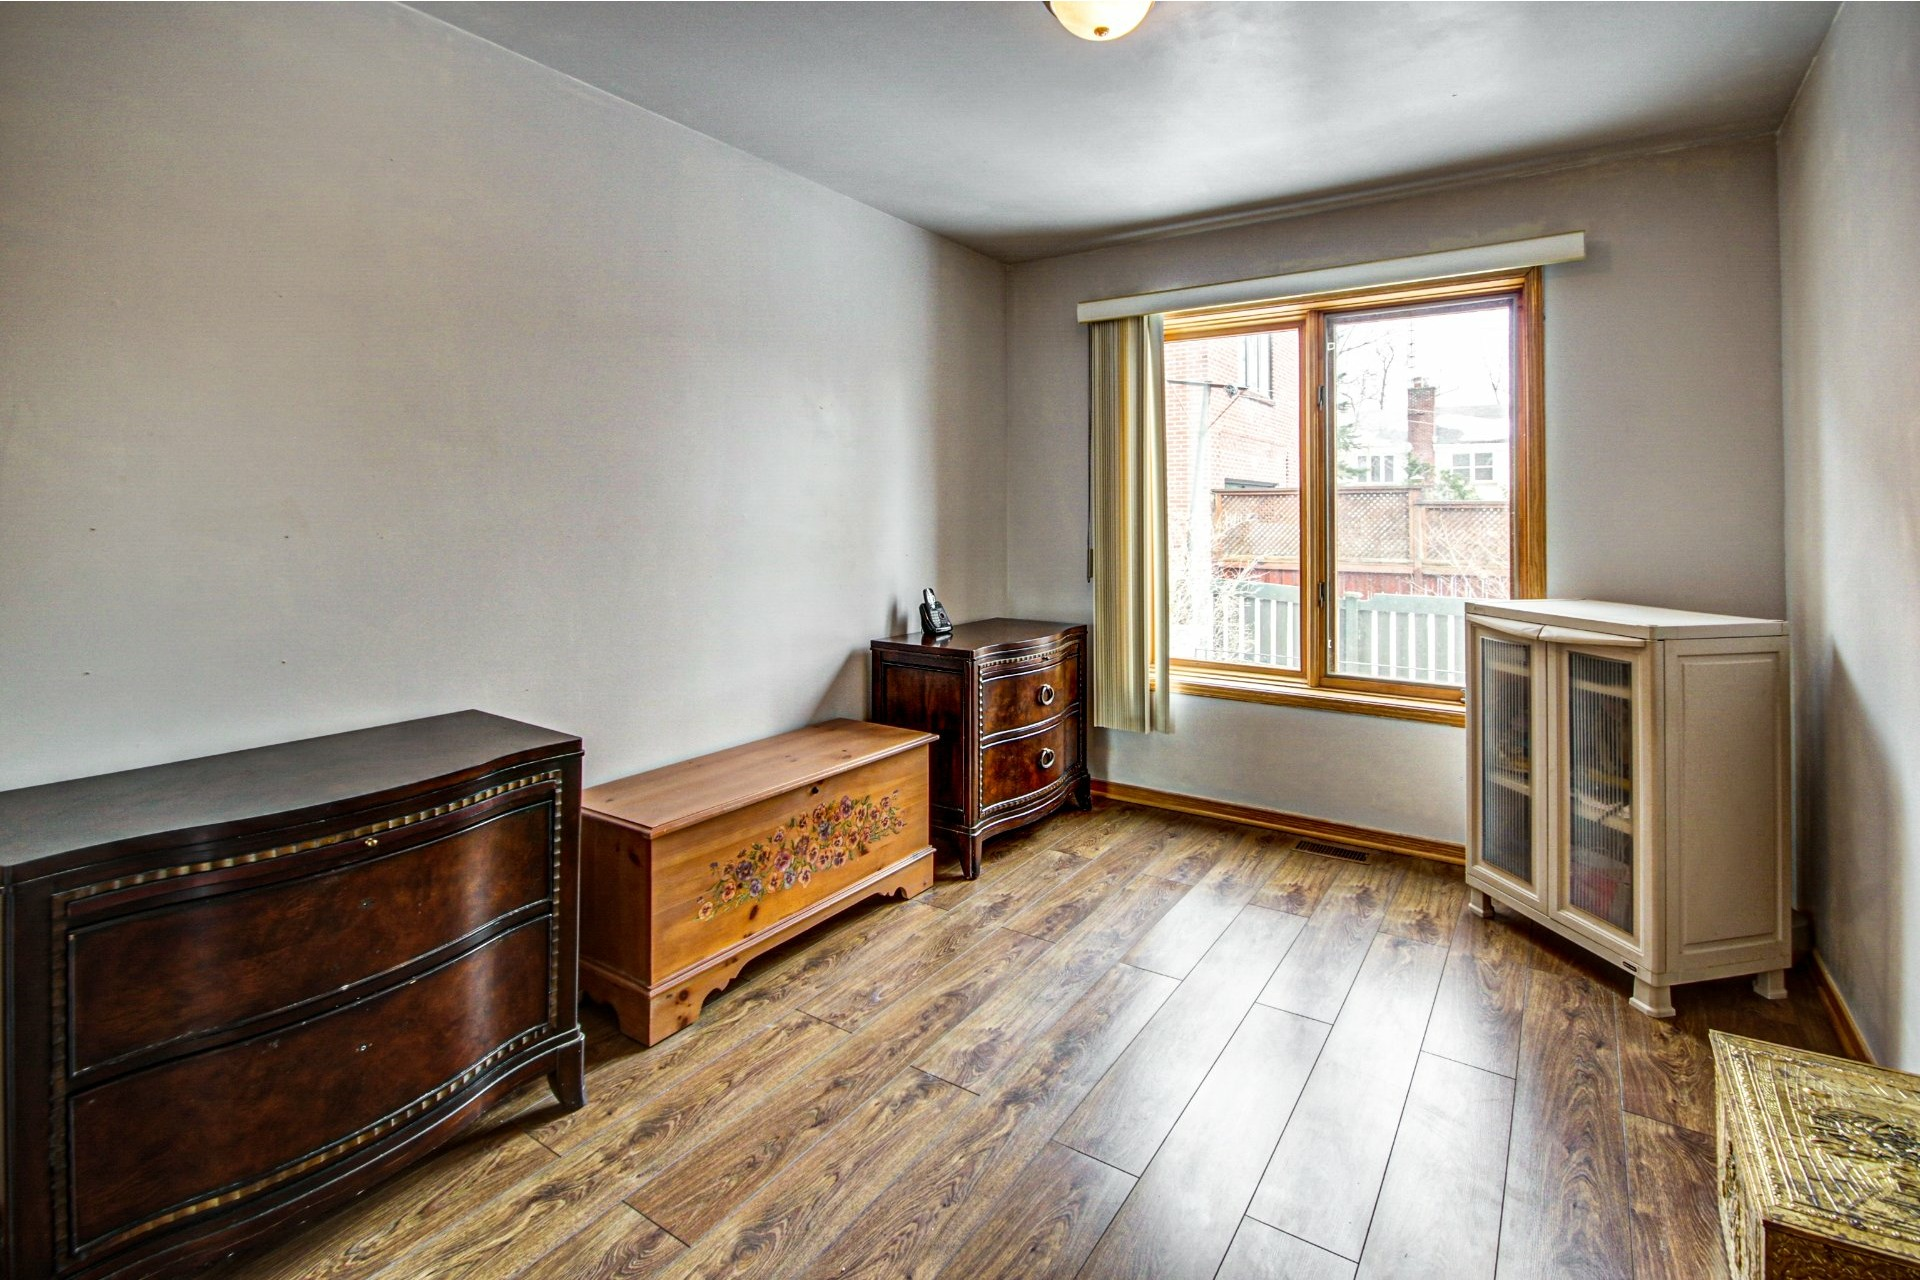 image 19 - Maison À vendre Côte-des-Neiges/Notre-Dame-de-Grâce Montréal